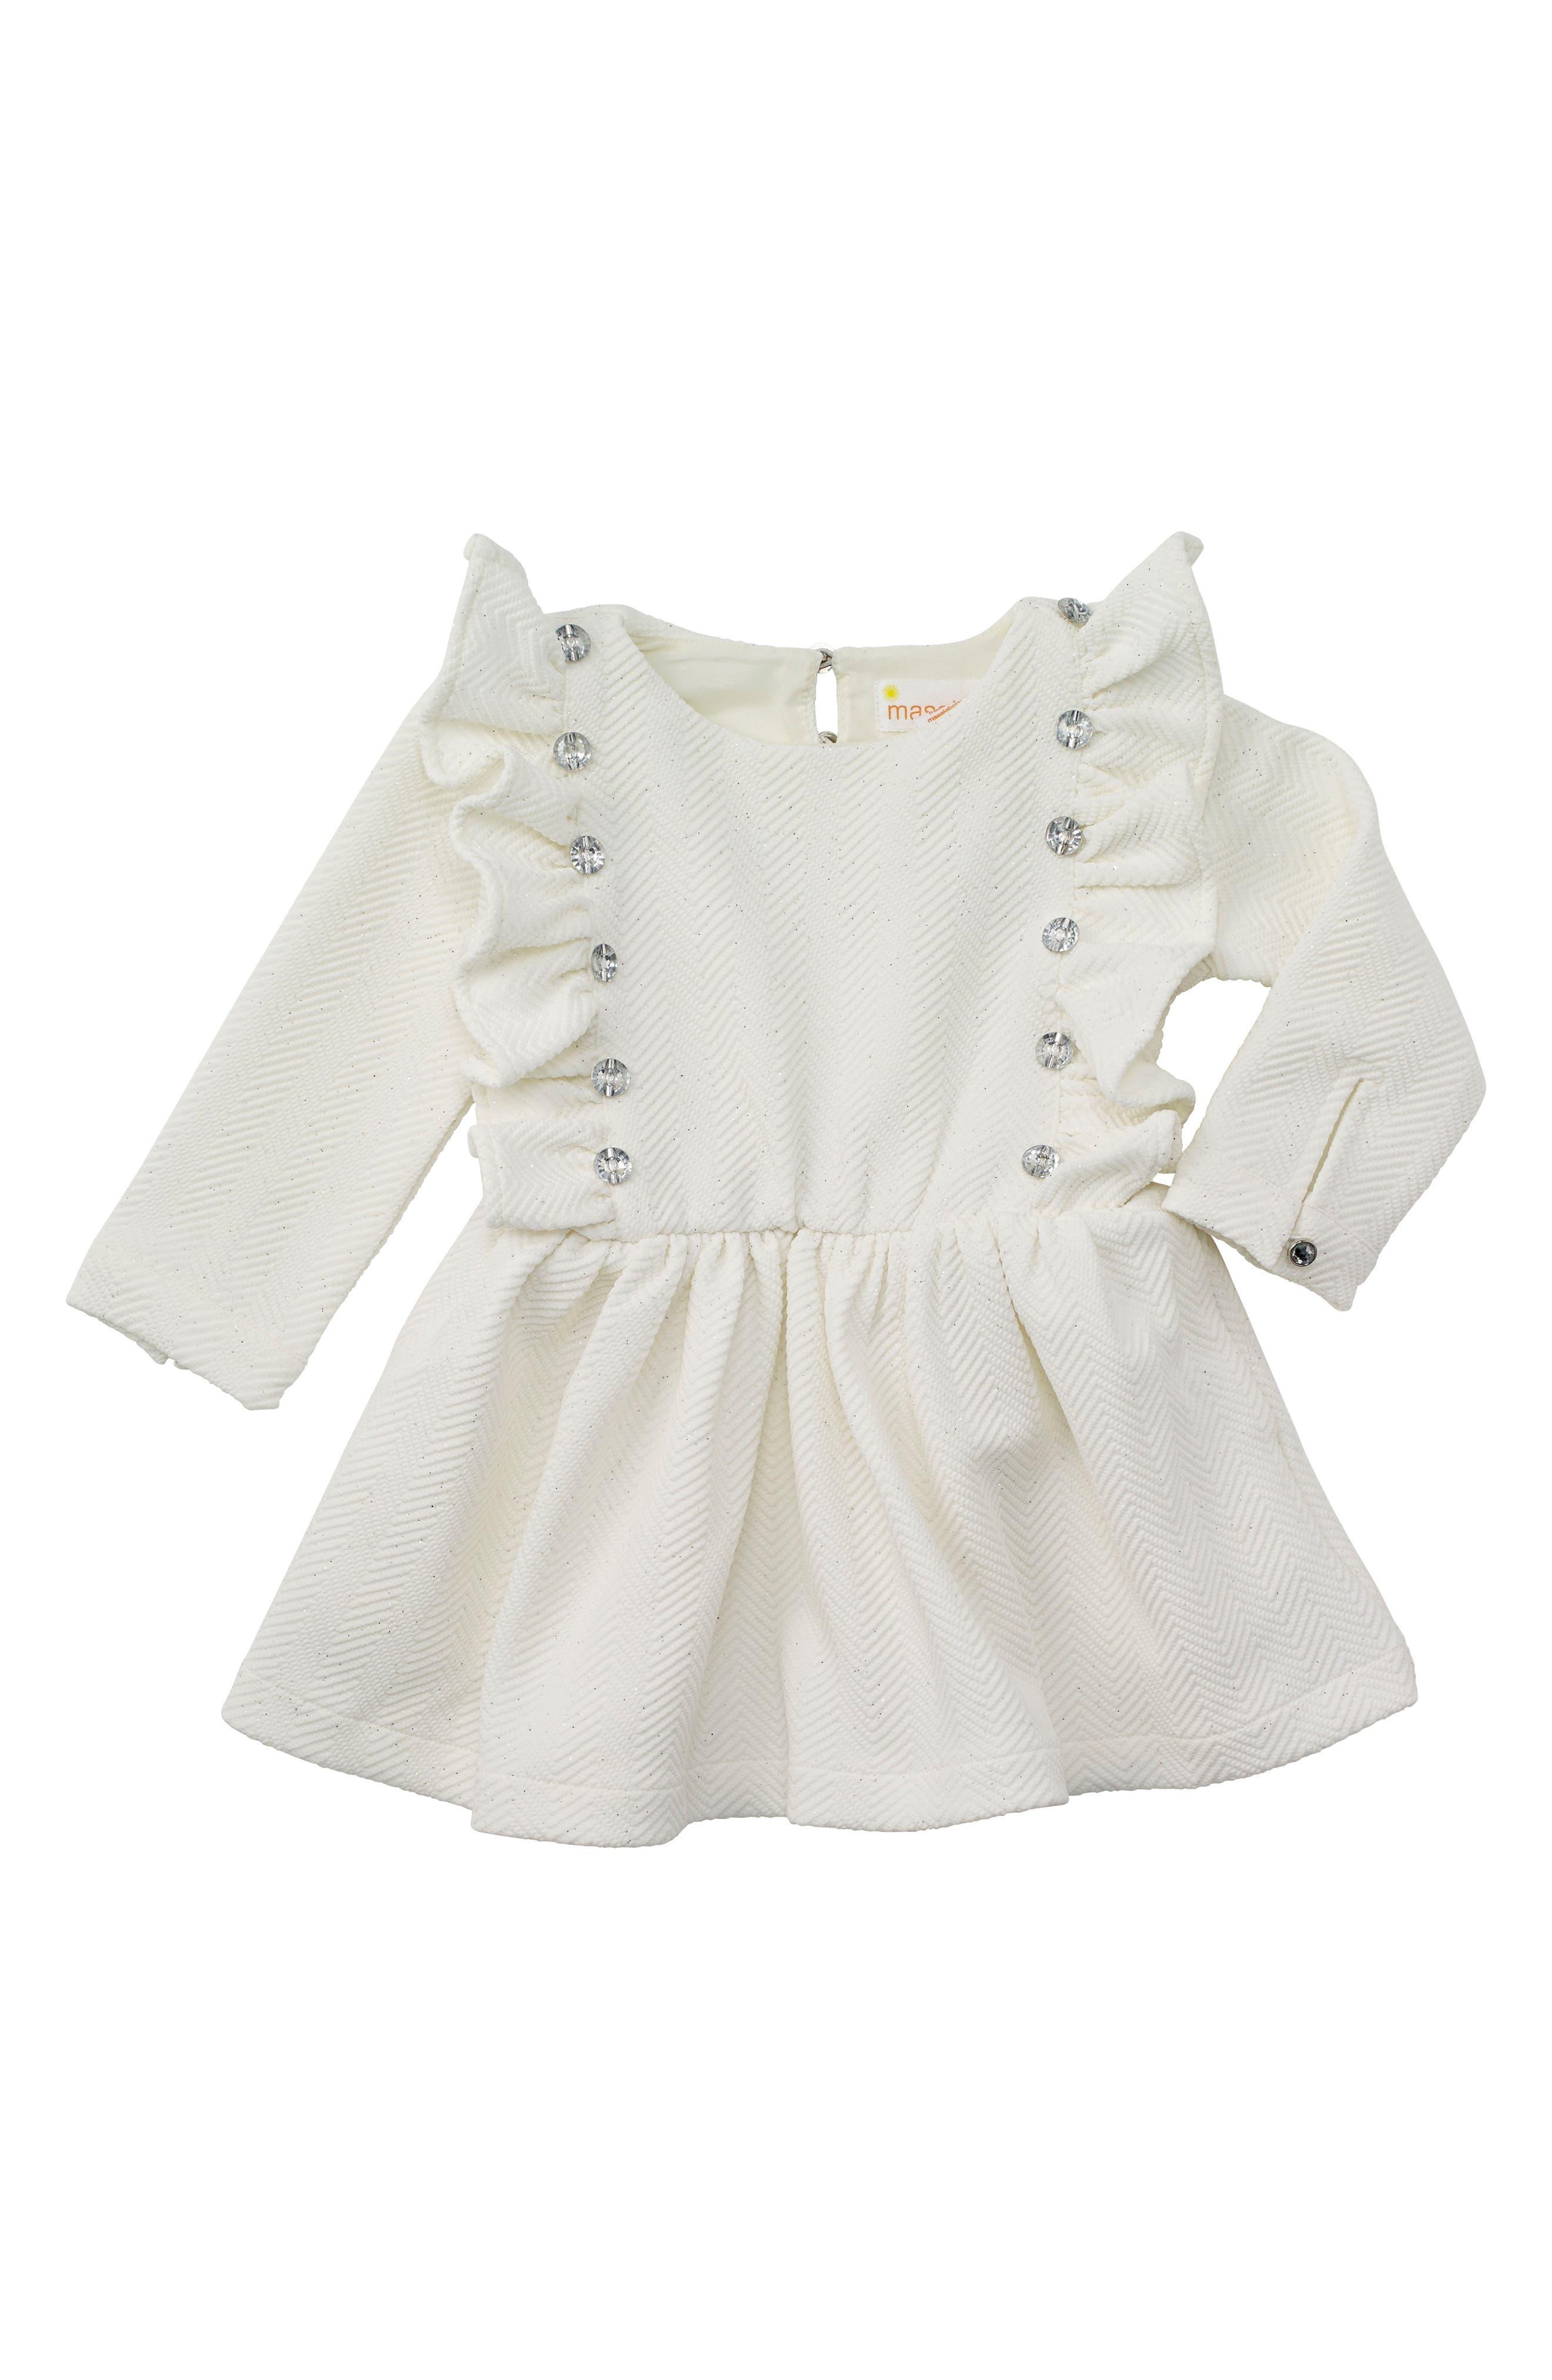 Alternate Image 1 Selected - Masalababy Fantasia Dress (Toddler Girls, Little Girls & Big Girls)